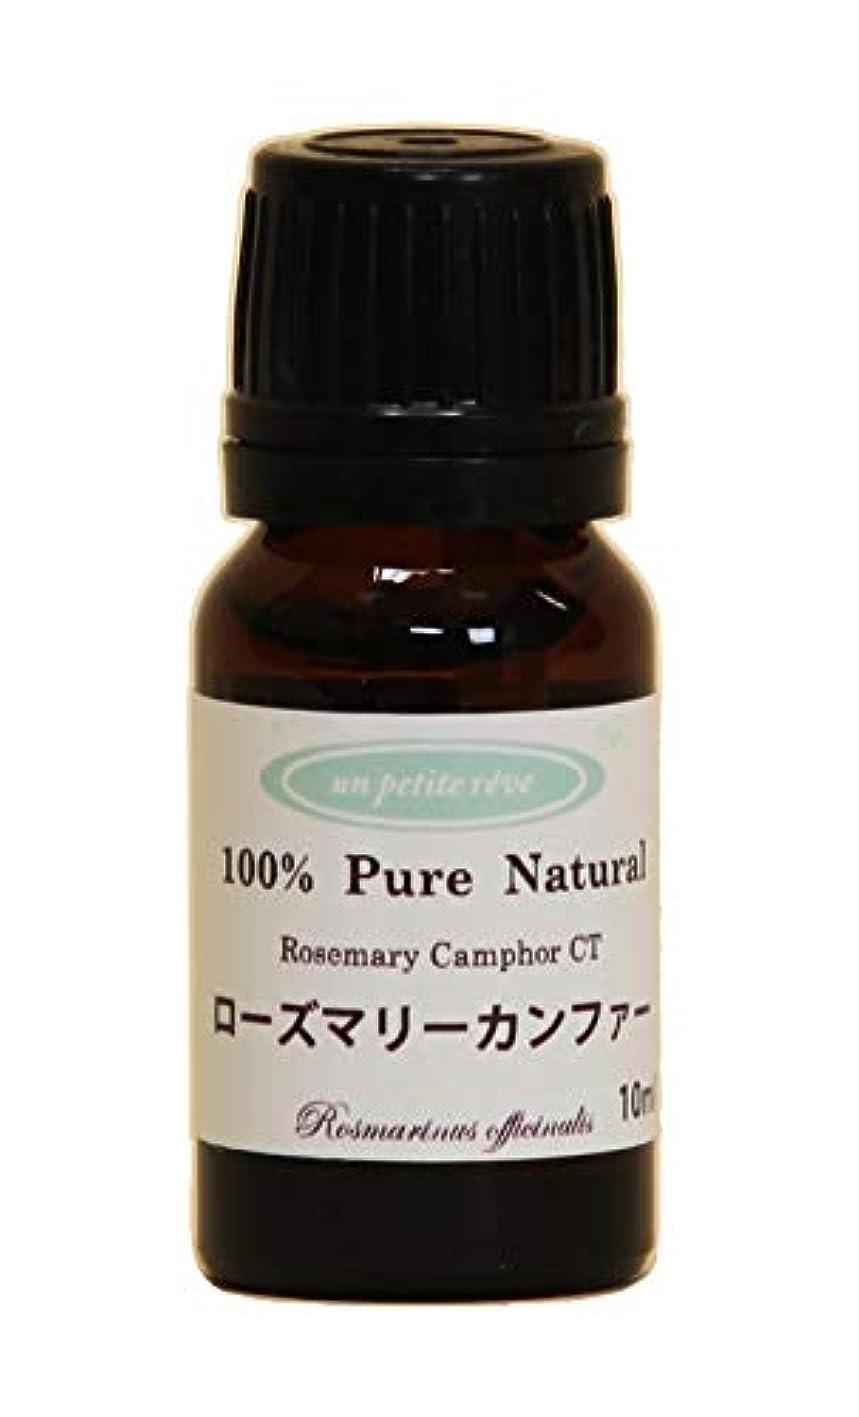 聴衆慣性準備ローズマリーカンファー  10ml 100%天然アロマエッセンシャルオイル(精油)